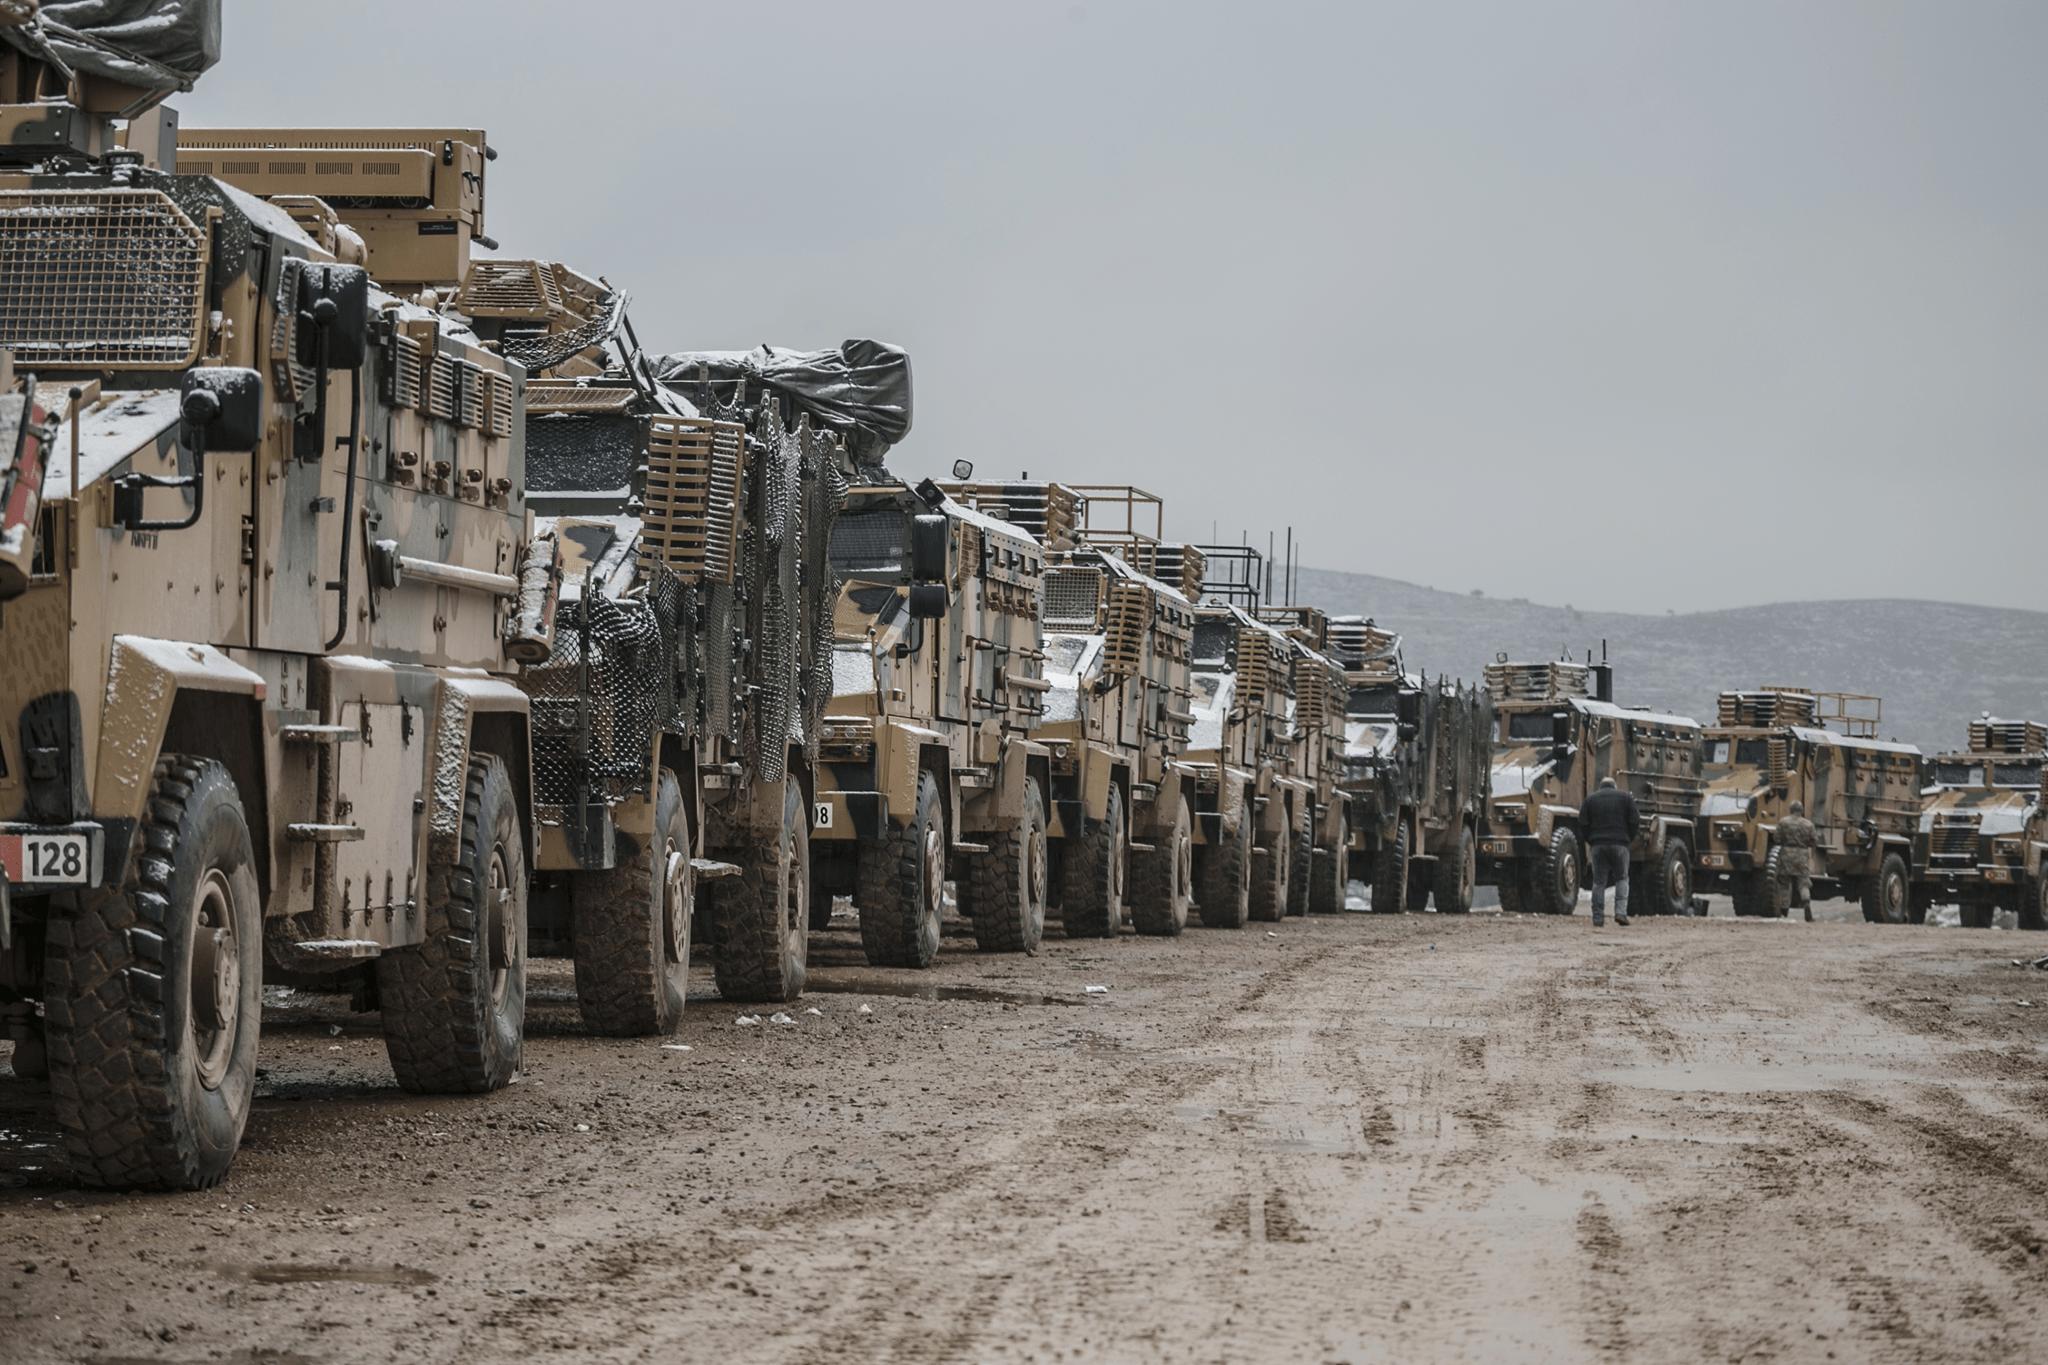 تحركات عسكرية تركية ضخمة تنذر ببوادر حرب شمال سوريا